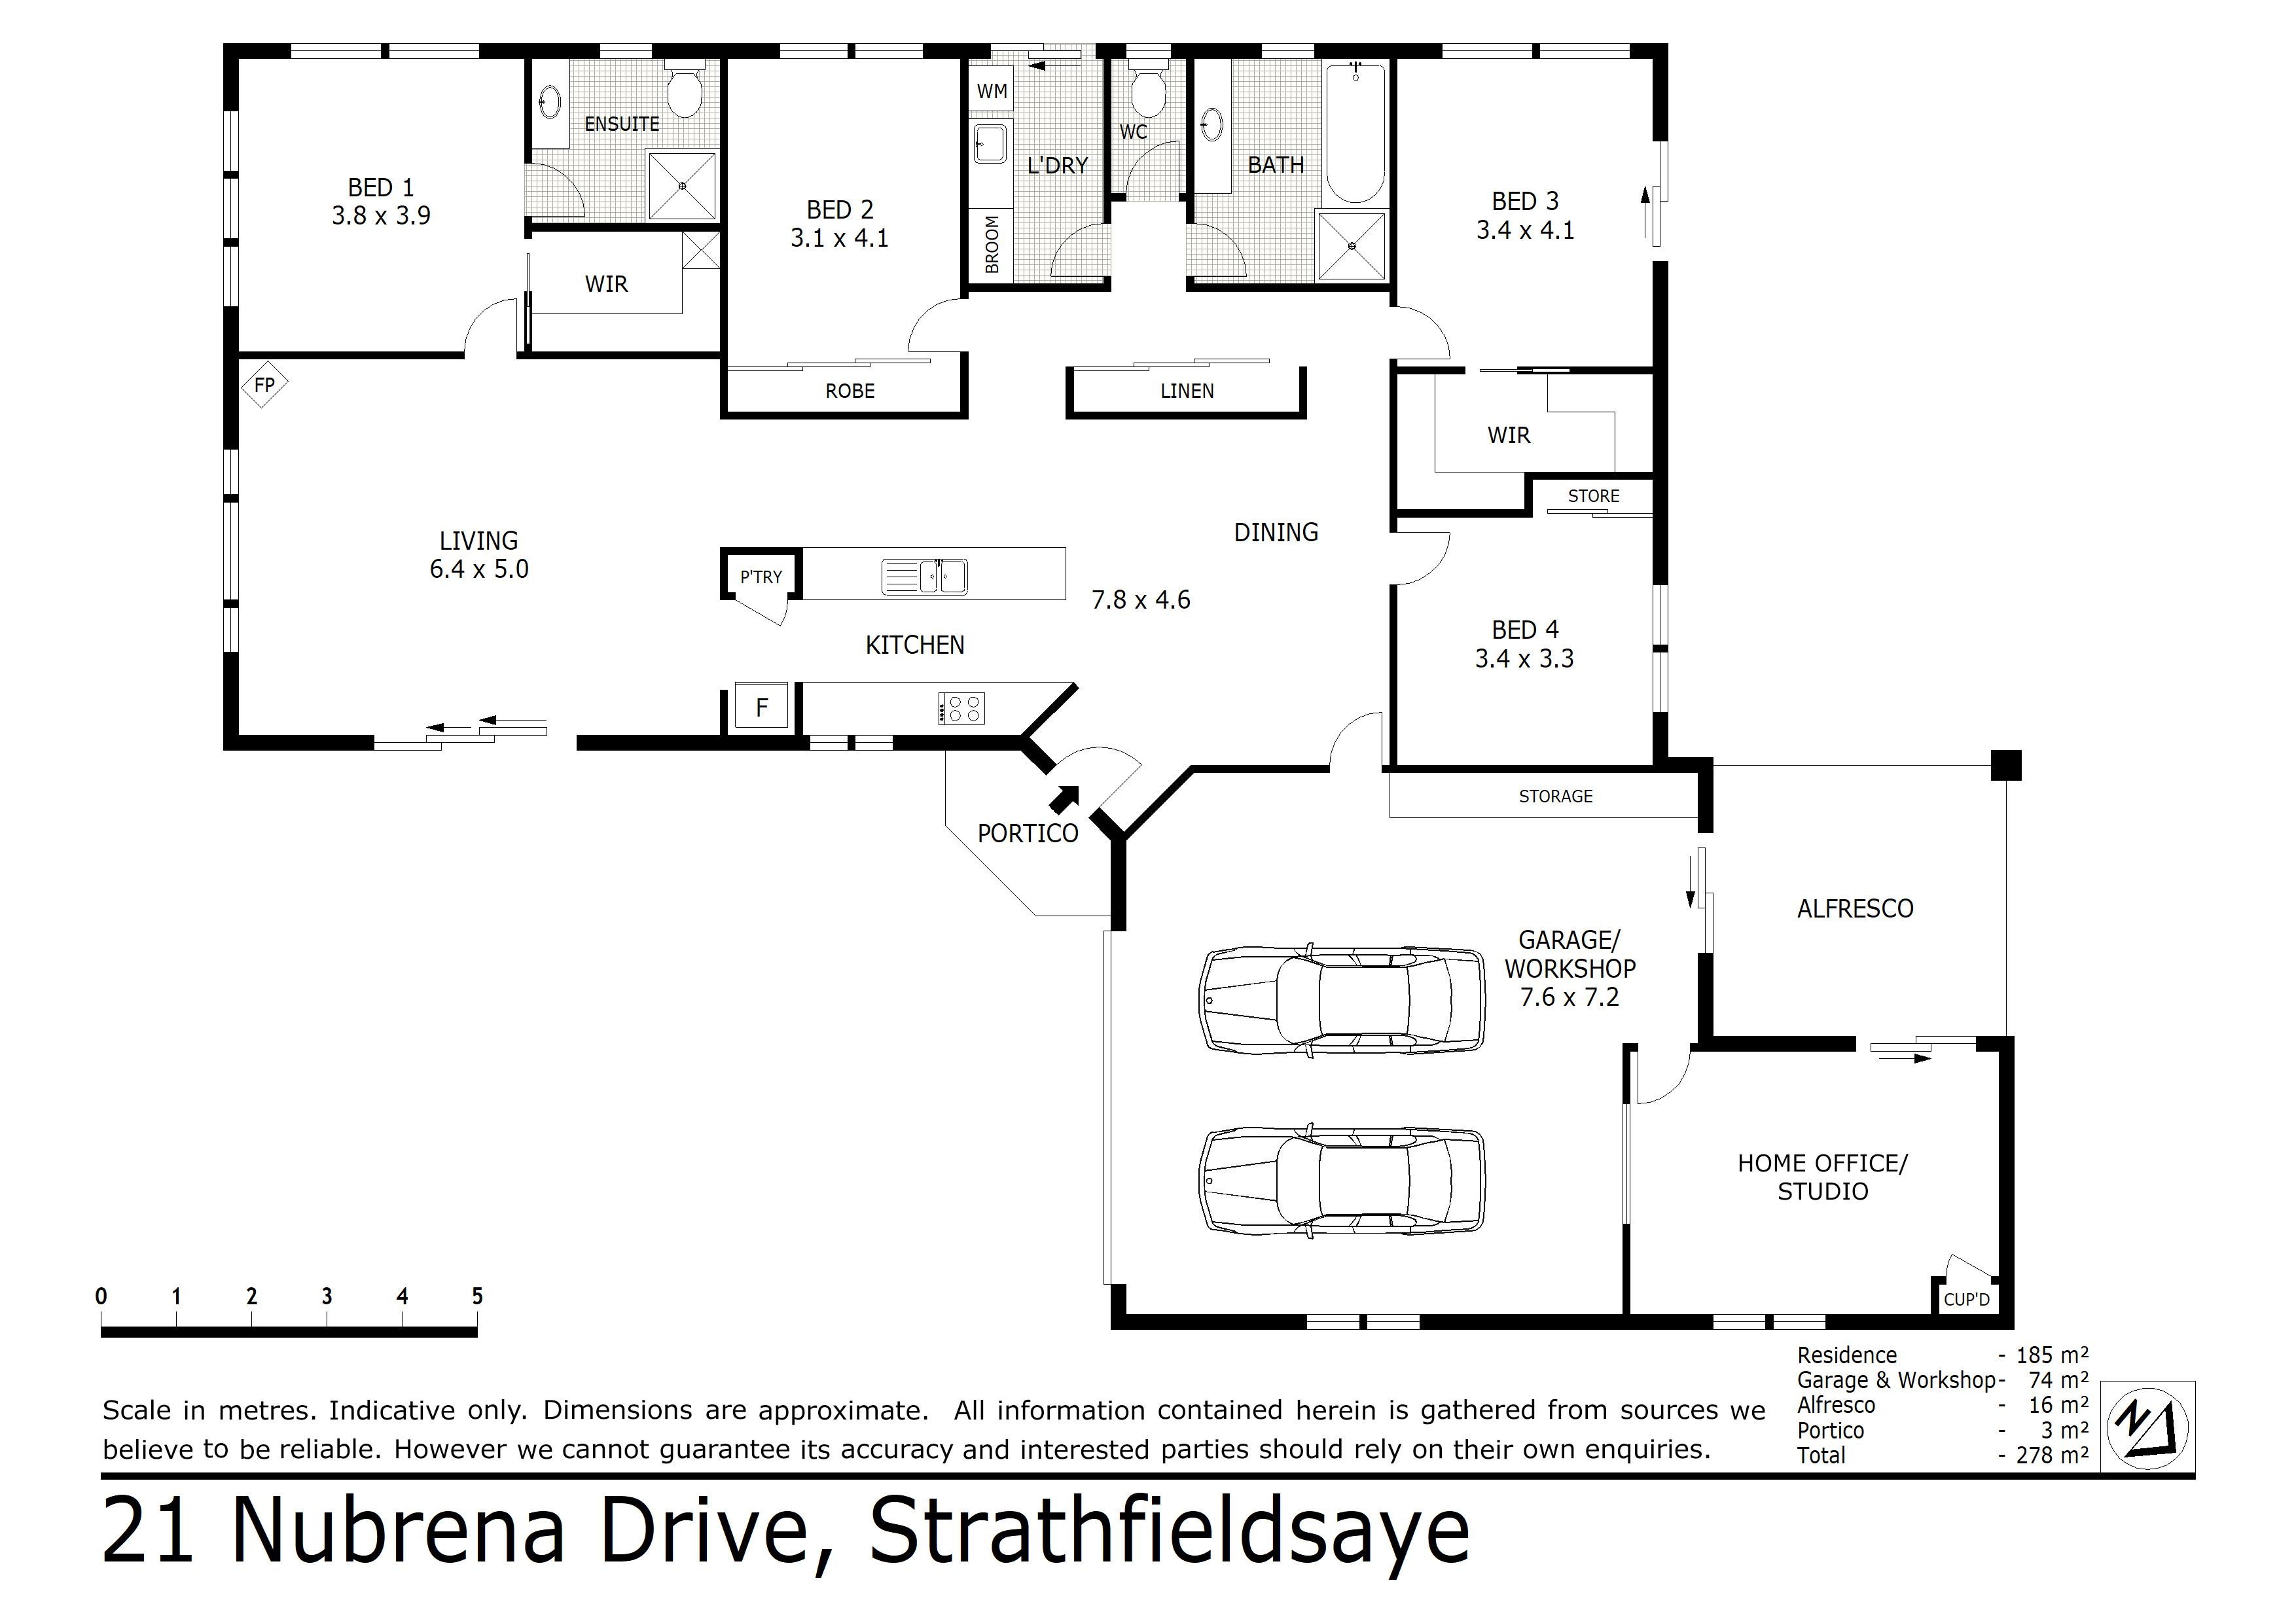 21 Nubrena Drive, Strathfieldsaye, VIC 3551